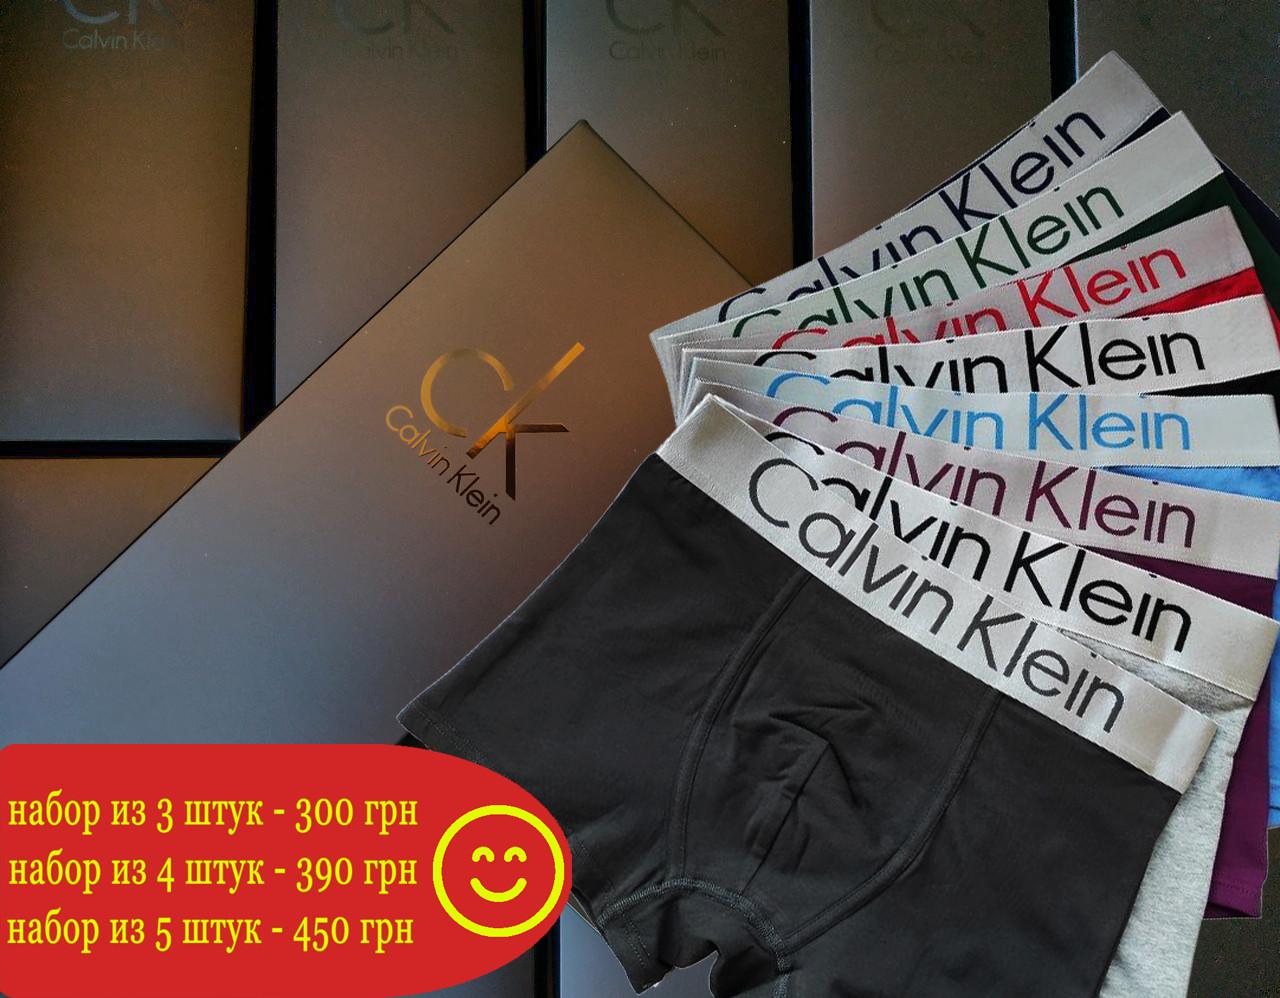 Набор мужских боксерок Сalvih Kleih Steel 3-5 штук в брендовой подарочной коробке